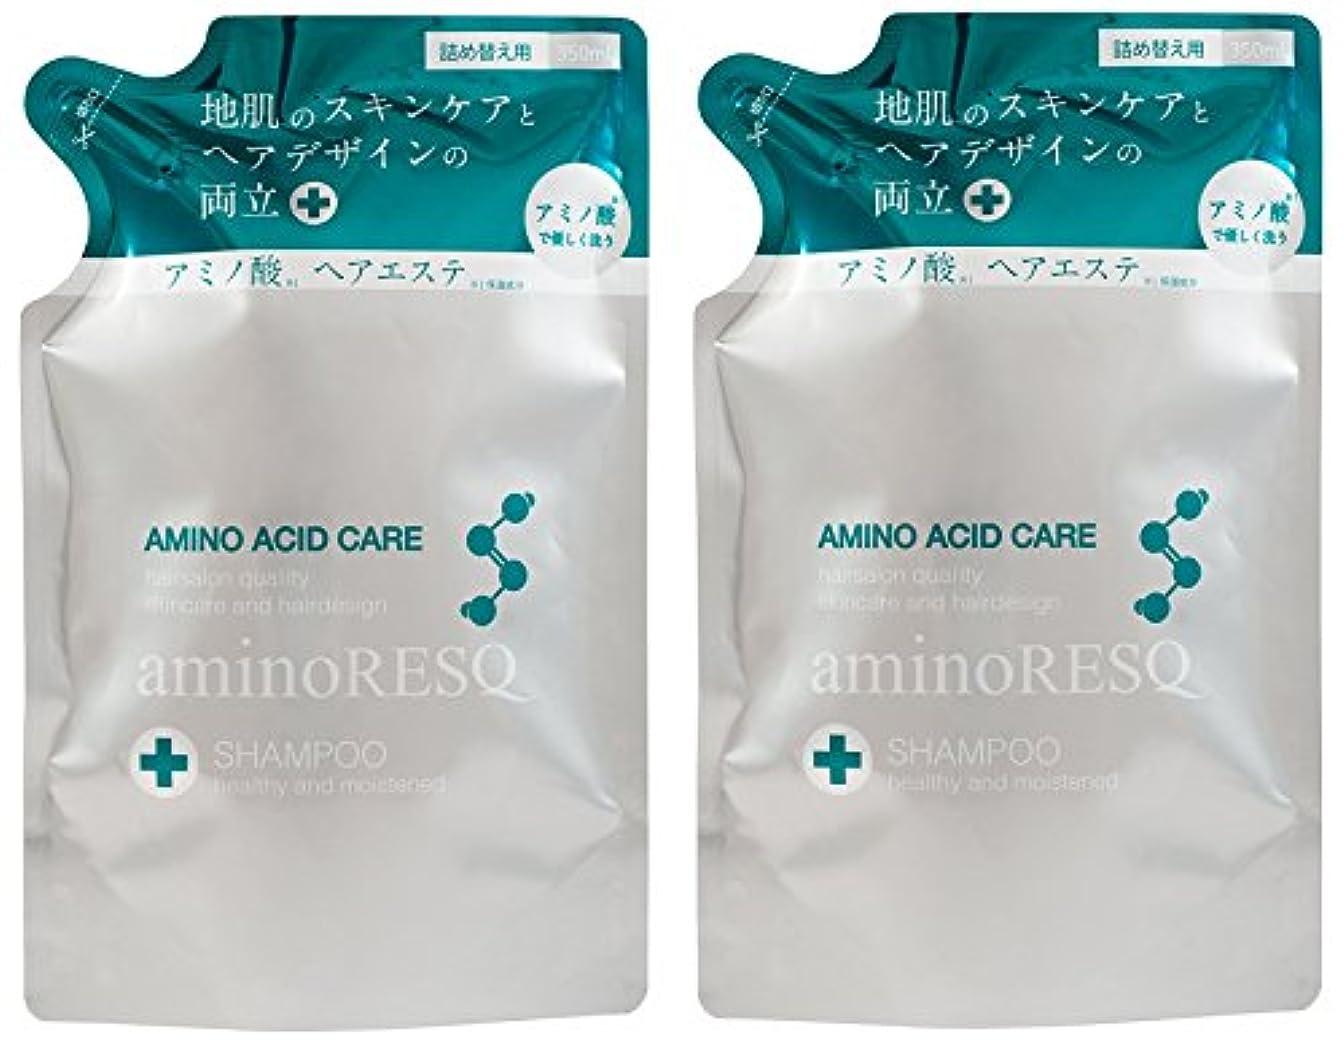 用心深いイソギンチャクテクニカル【2個セット】aminoRESQ アミノレスキュー シャンプー詰替